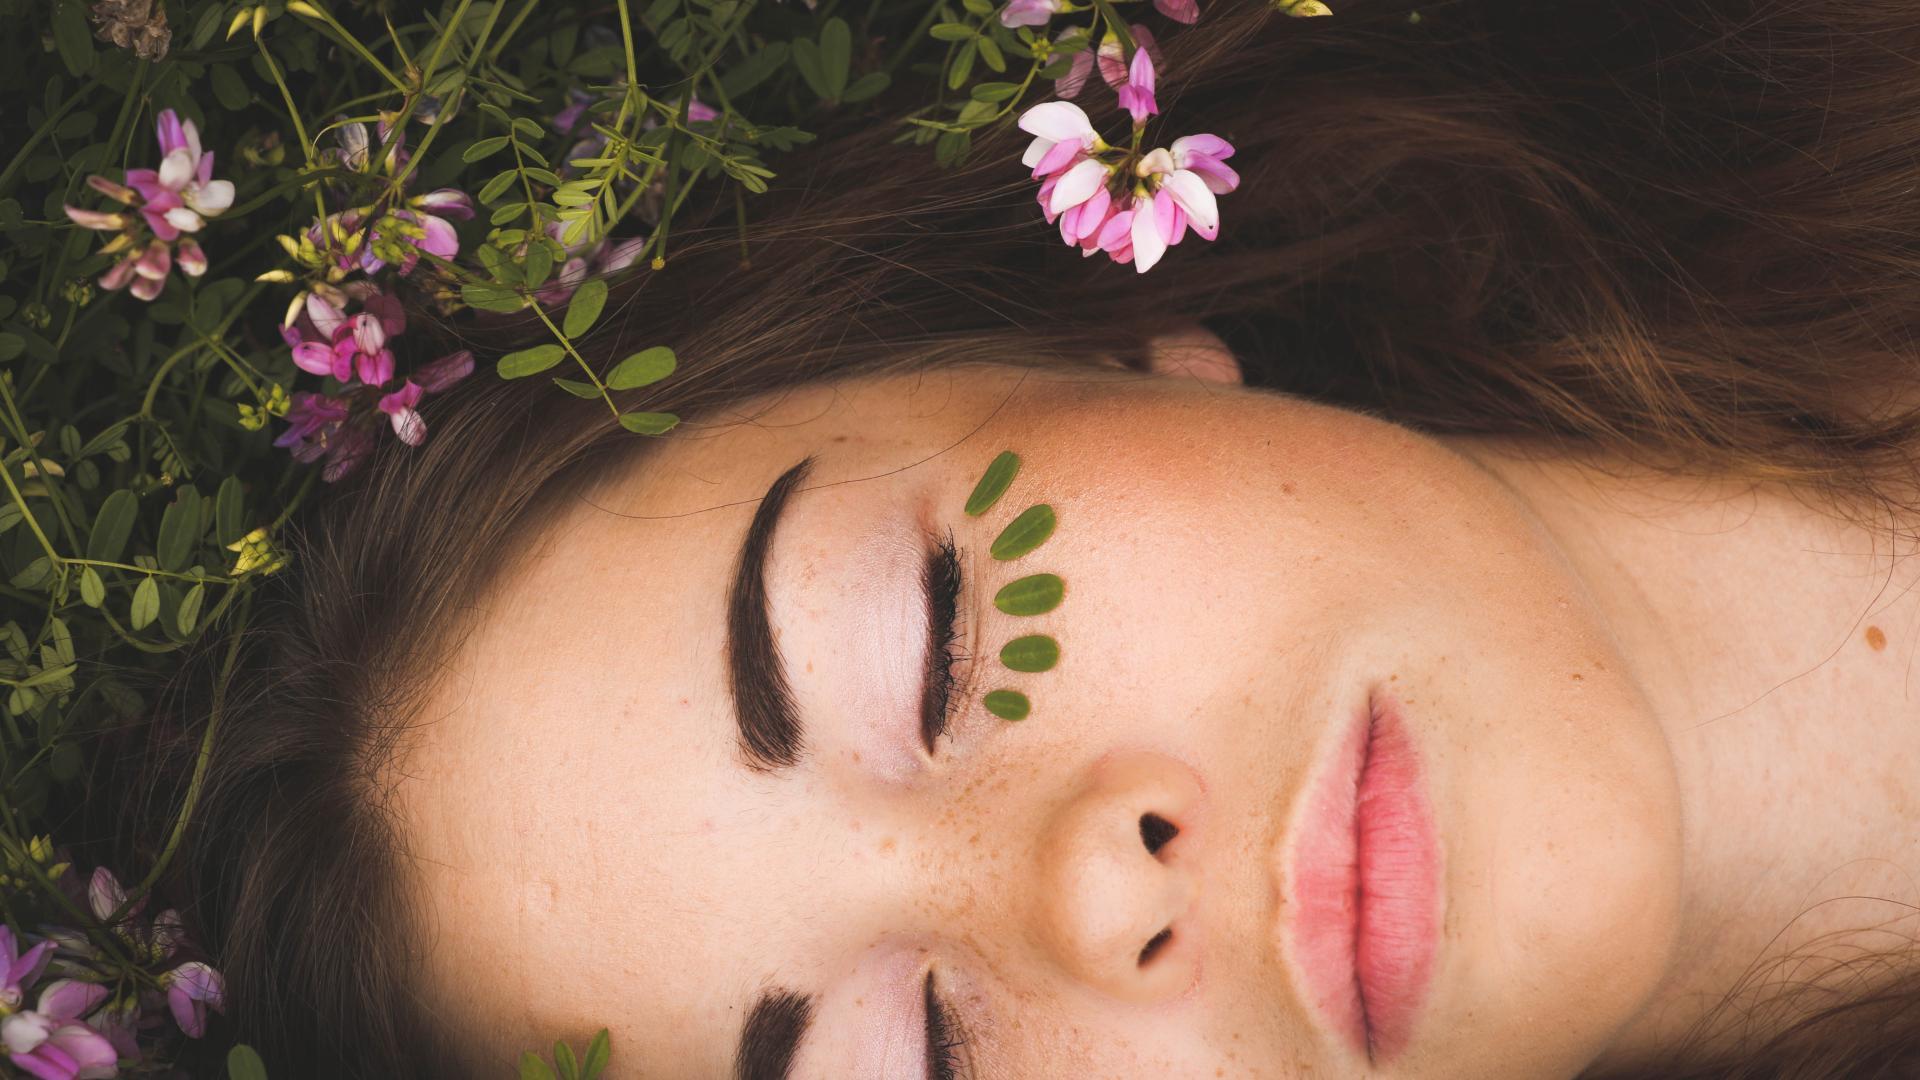 Frau auf einer Wiese mit Blättern im Gesicht